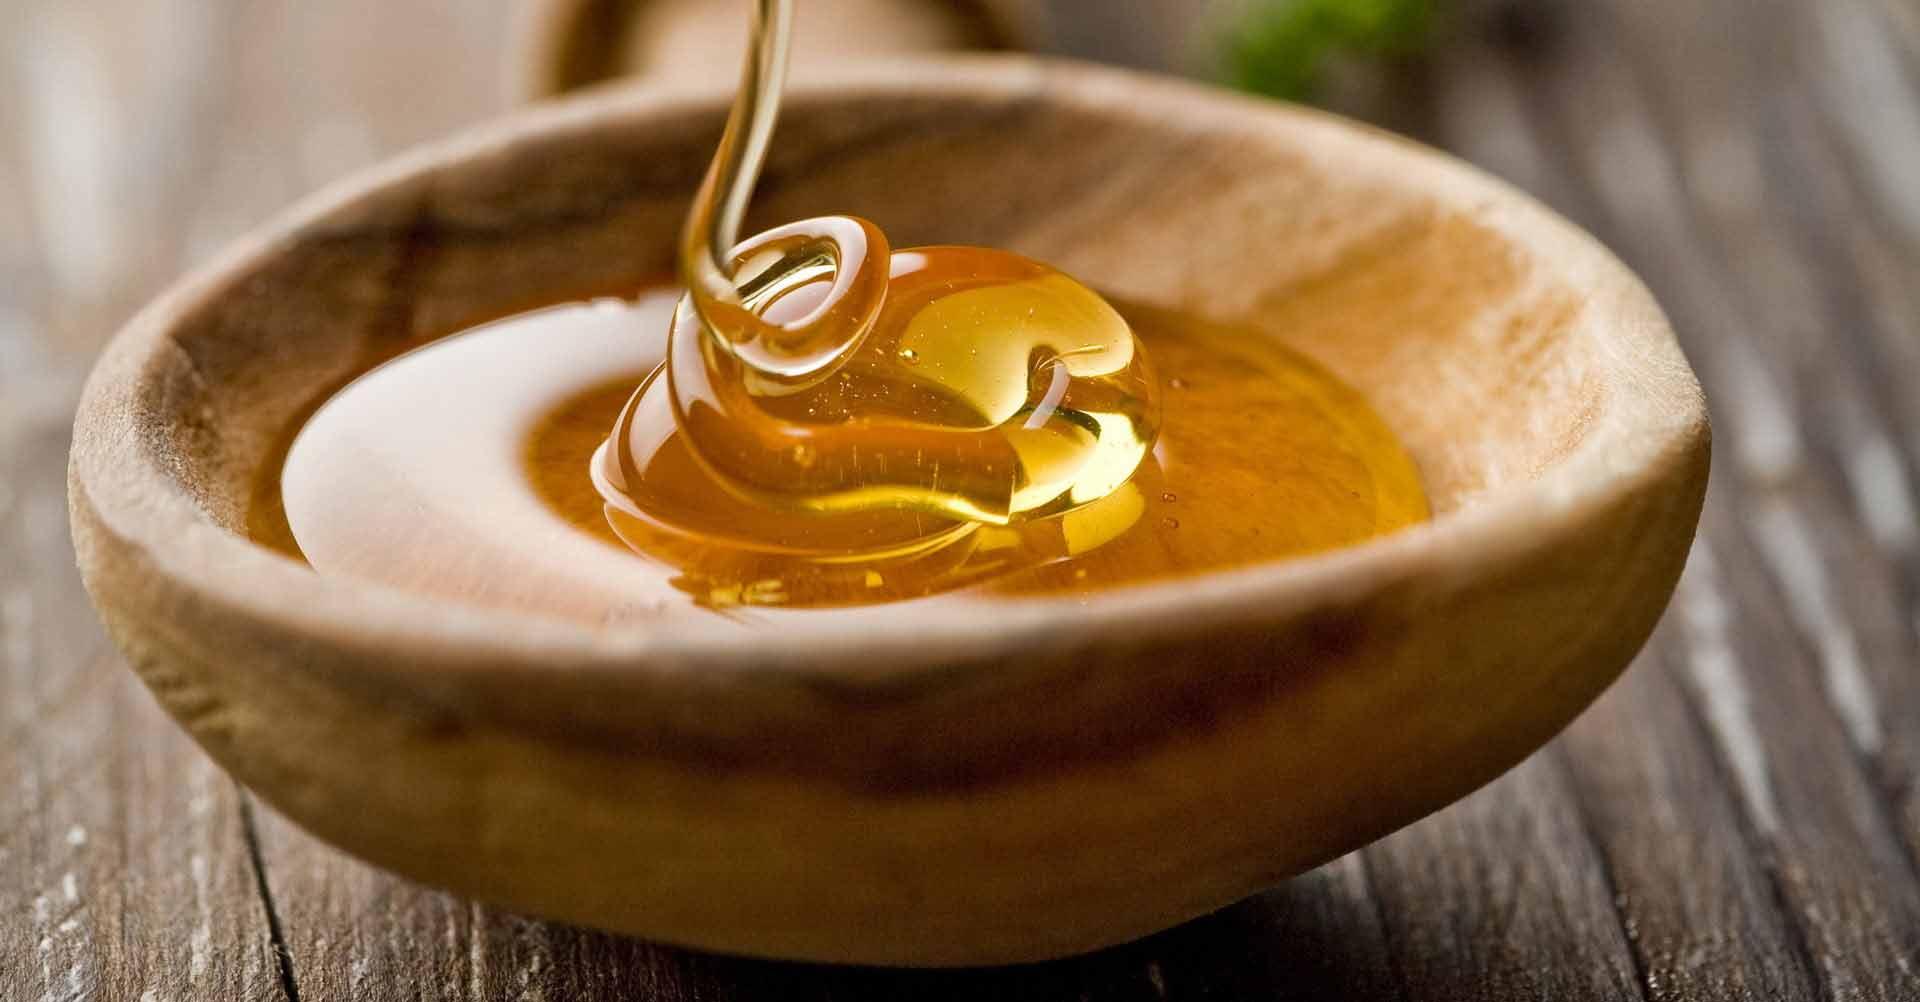 мед в плошке